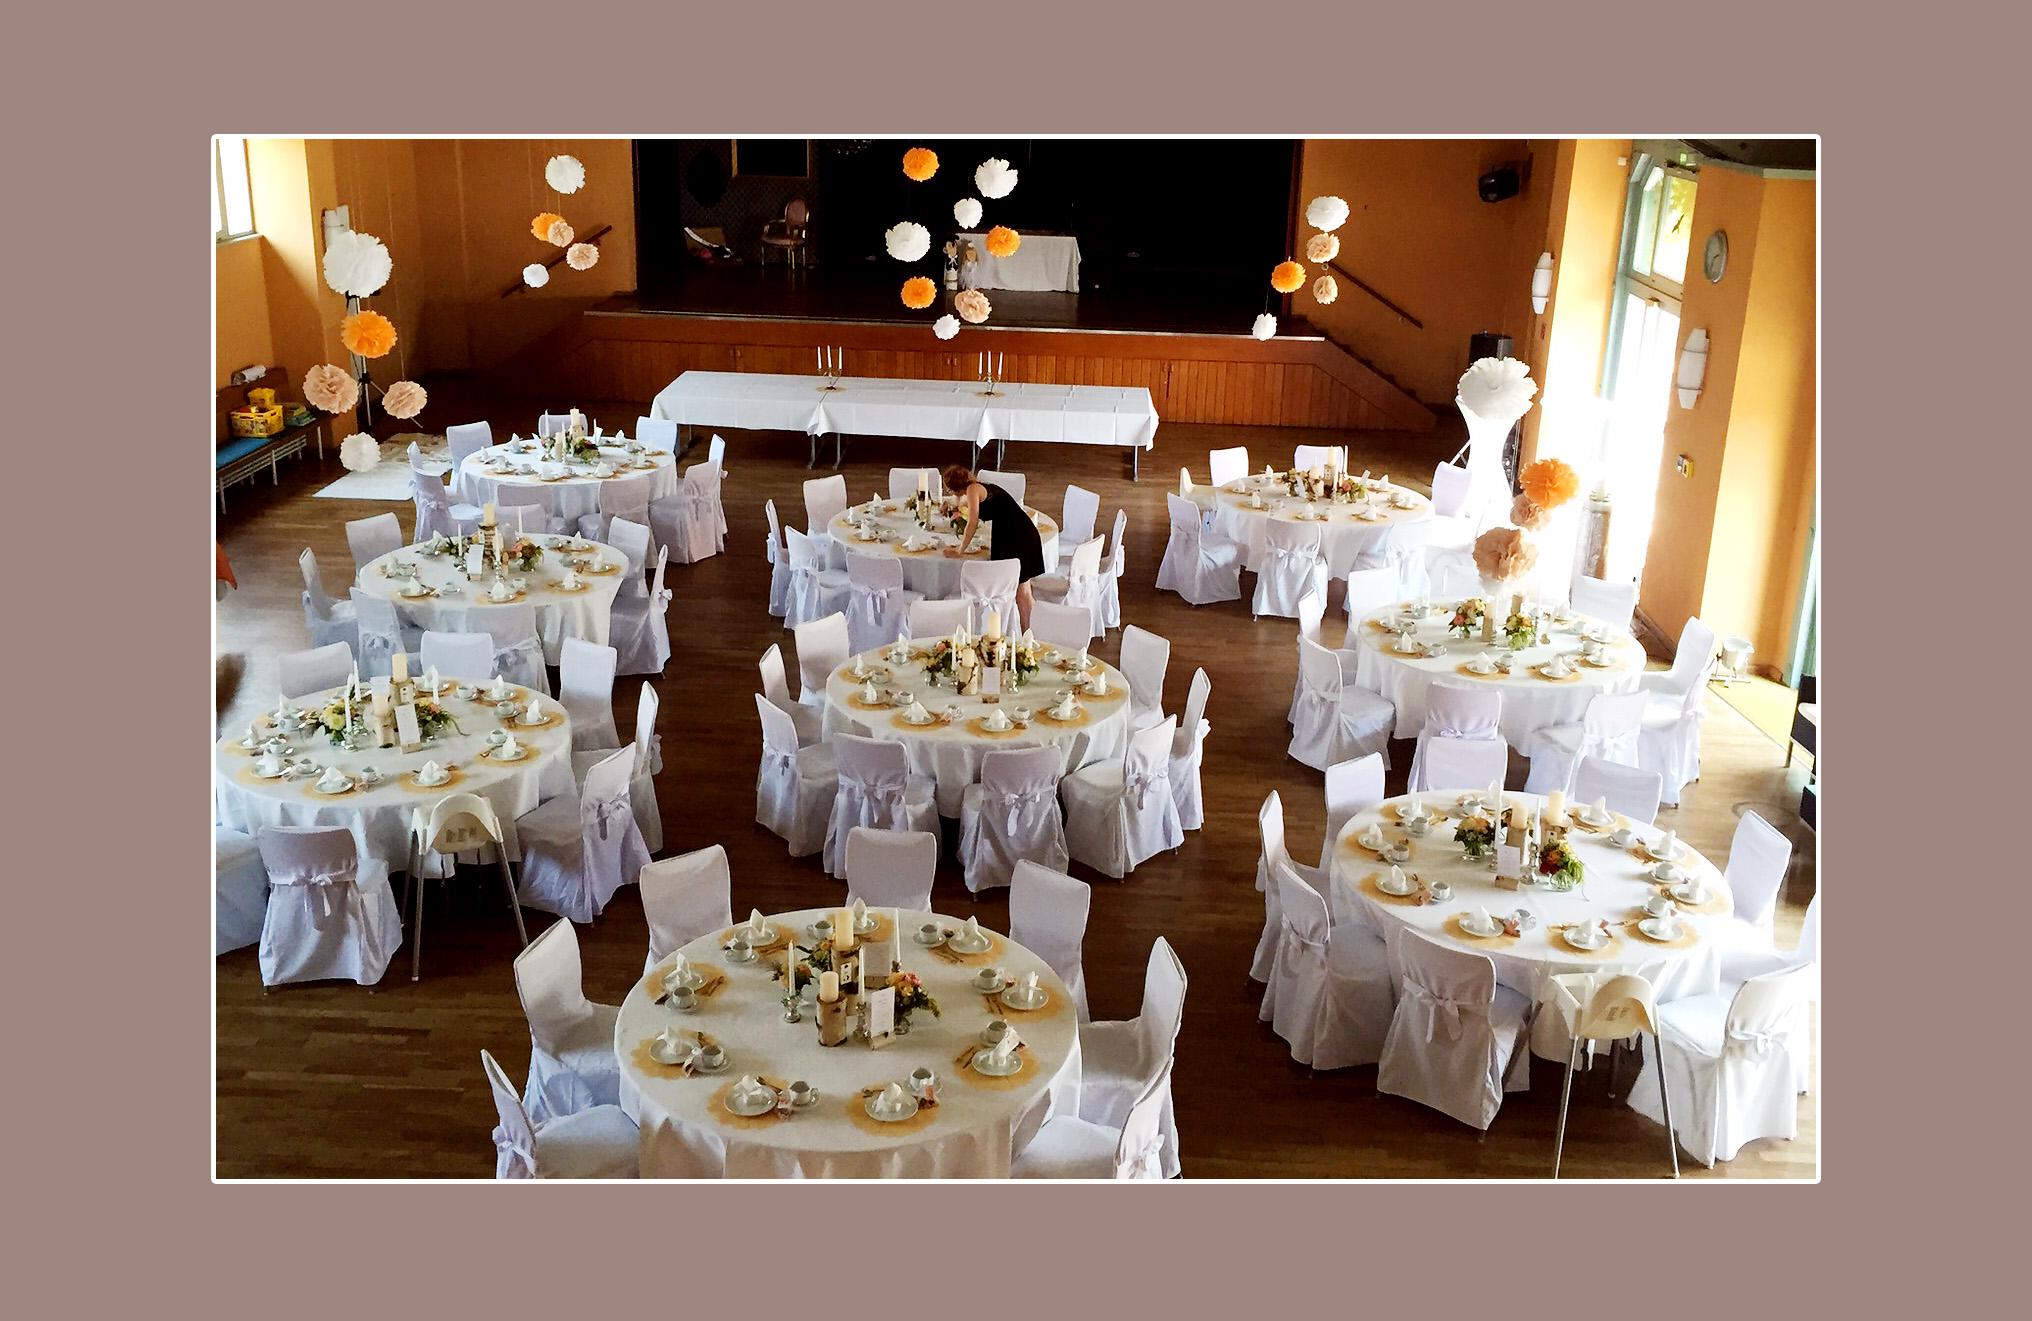 Tischdeko Fur Hochzeit Von Anastasia Christoph Mit Runden Tischen